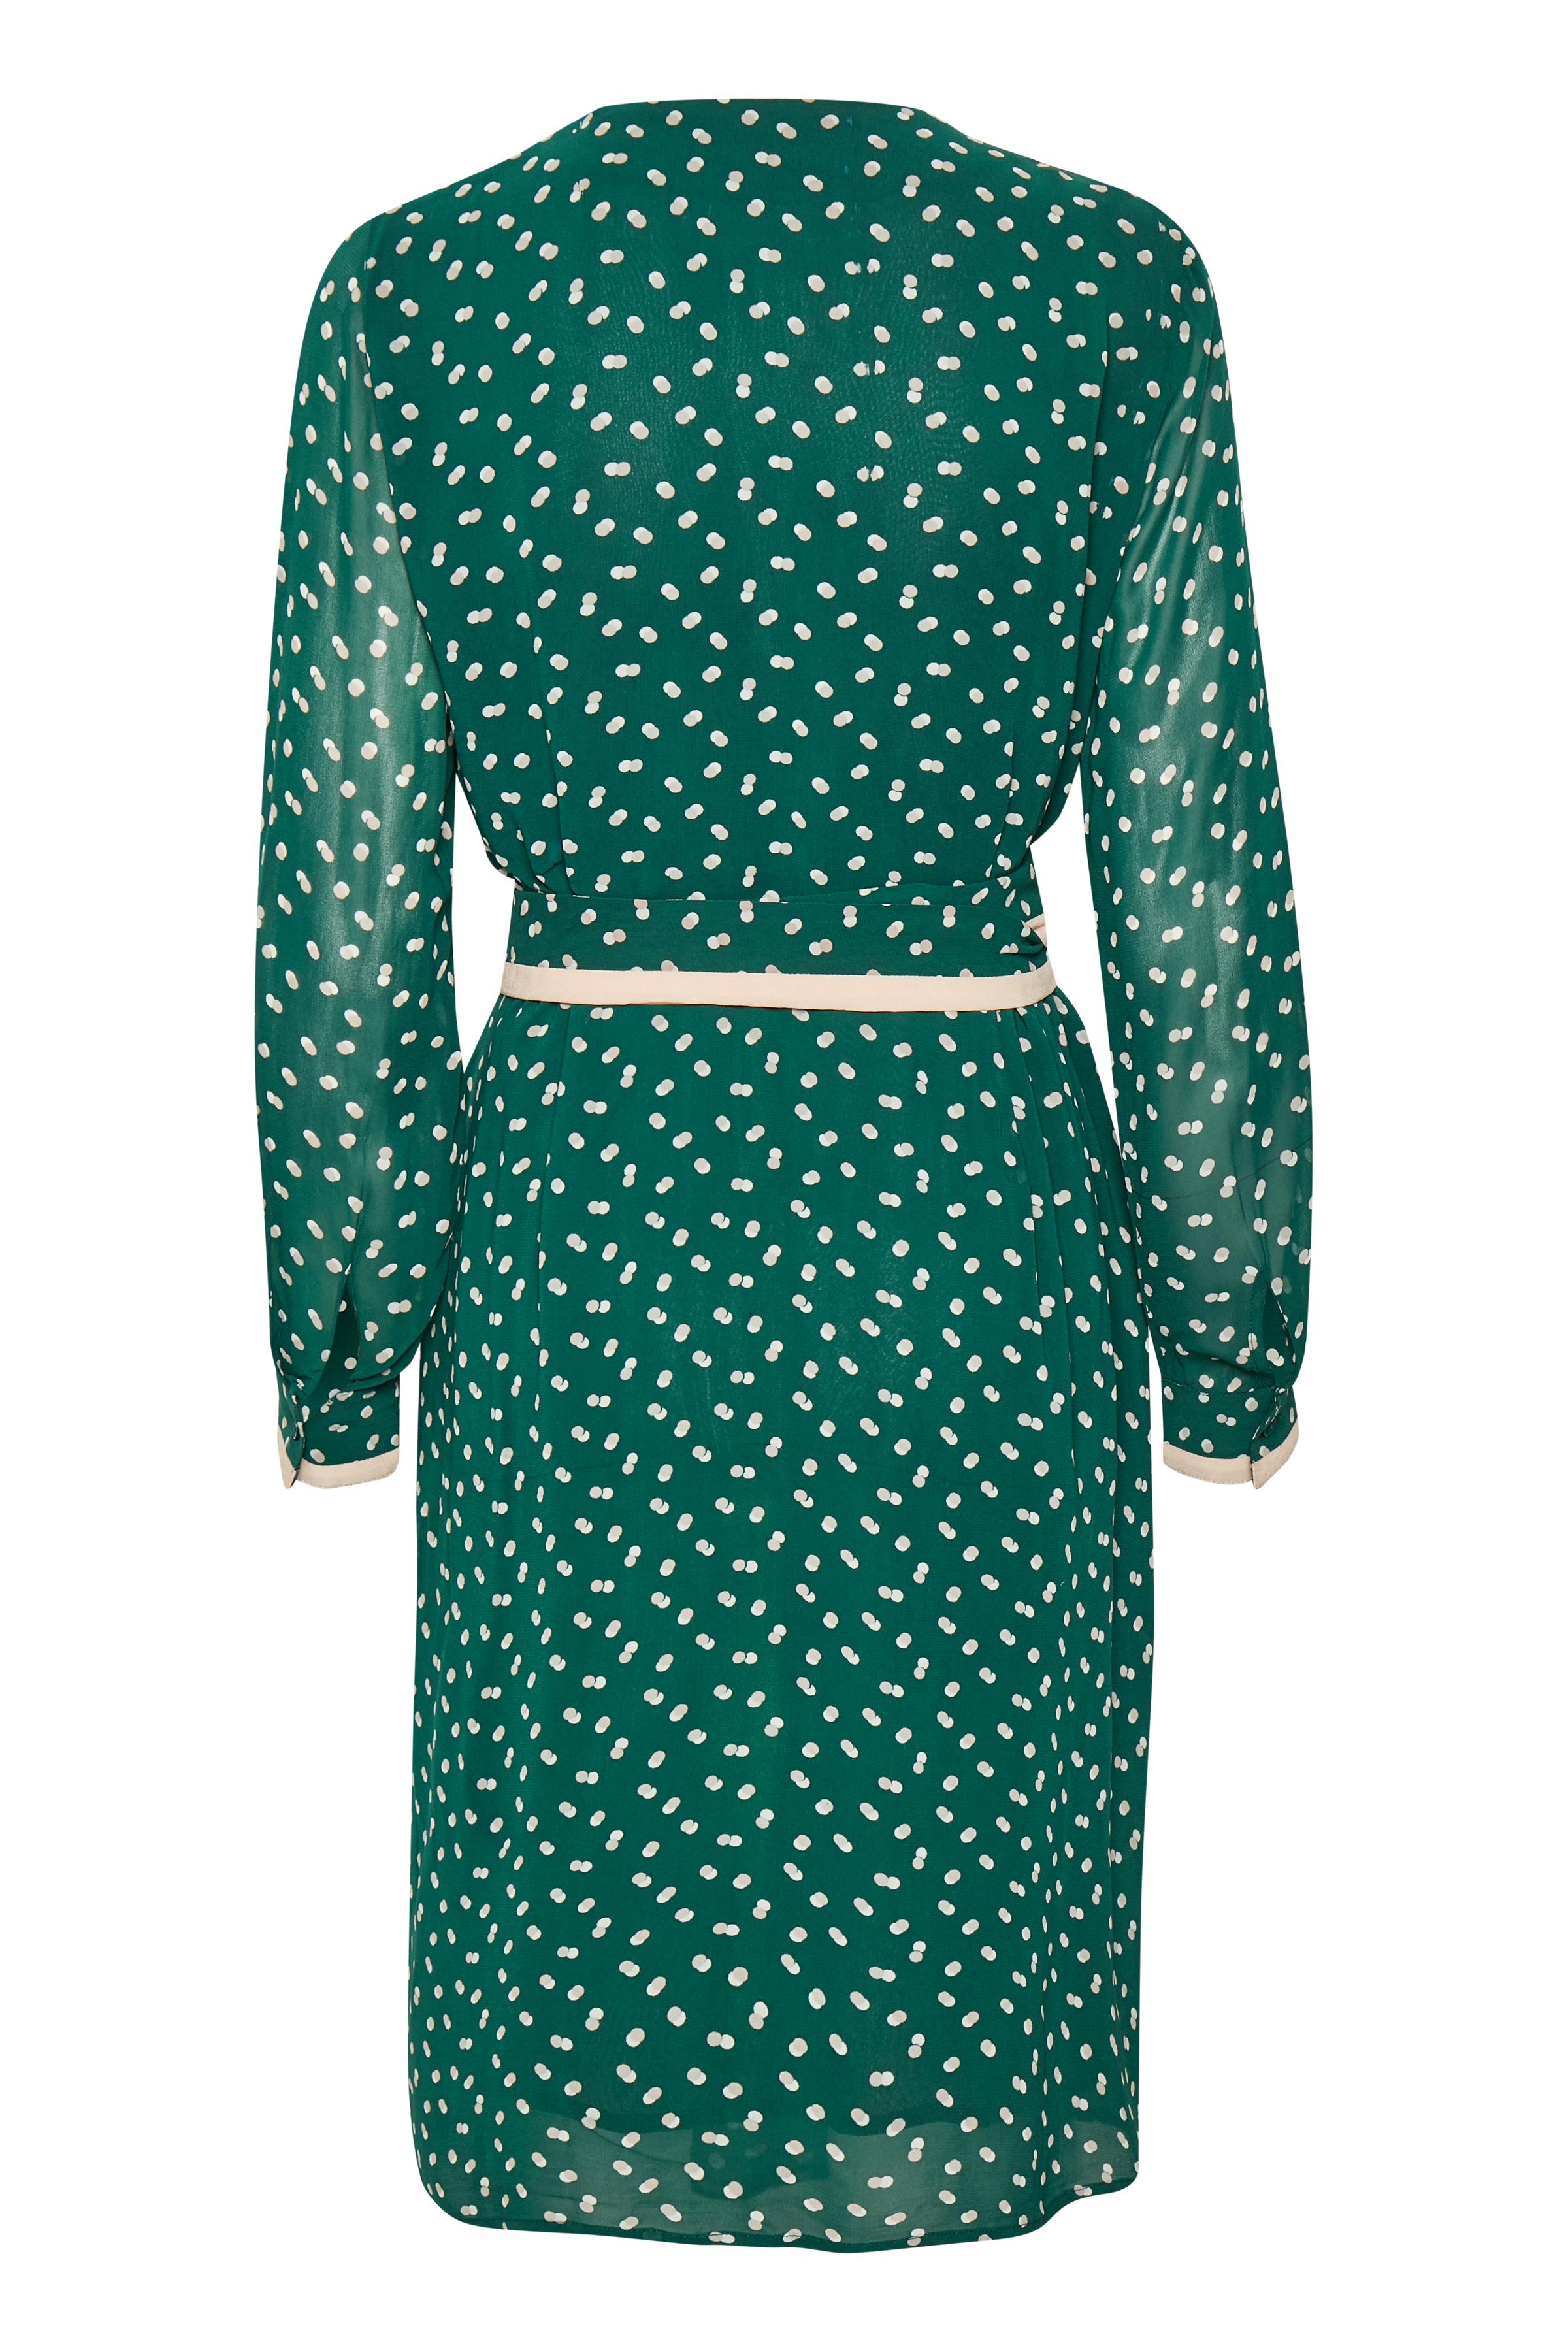 Warm Green Double Dot Kjole – Køb Warm Green Double Dot Kjole fra str. 34-38 her